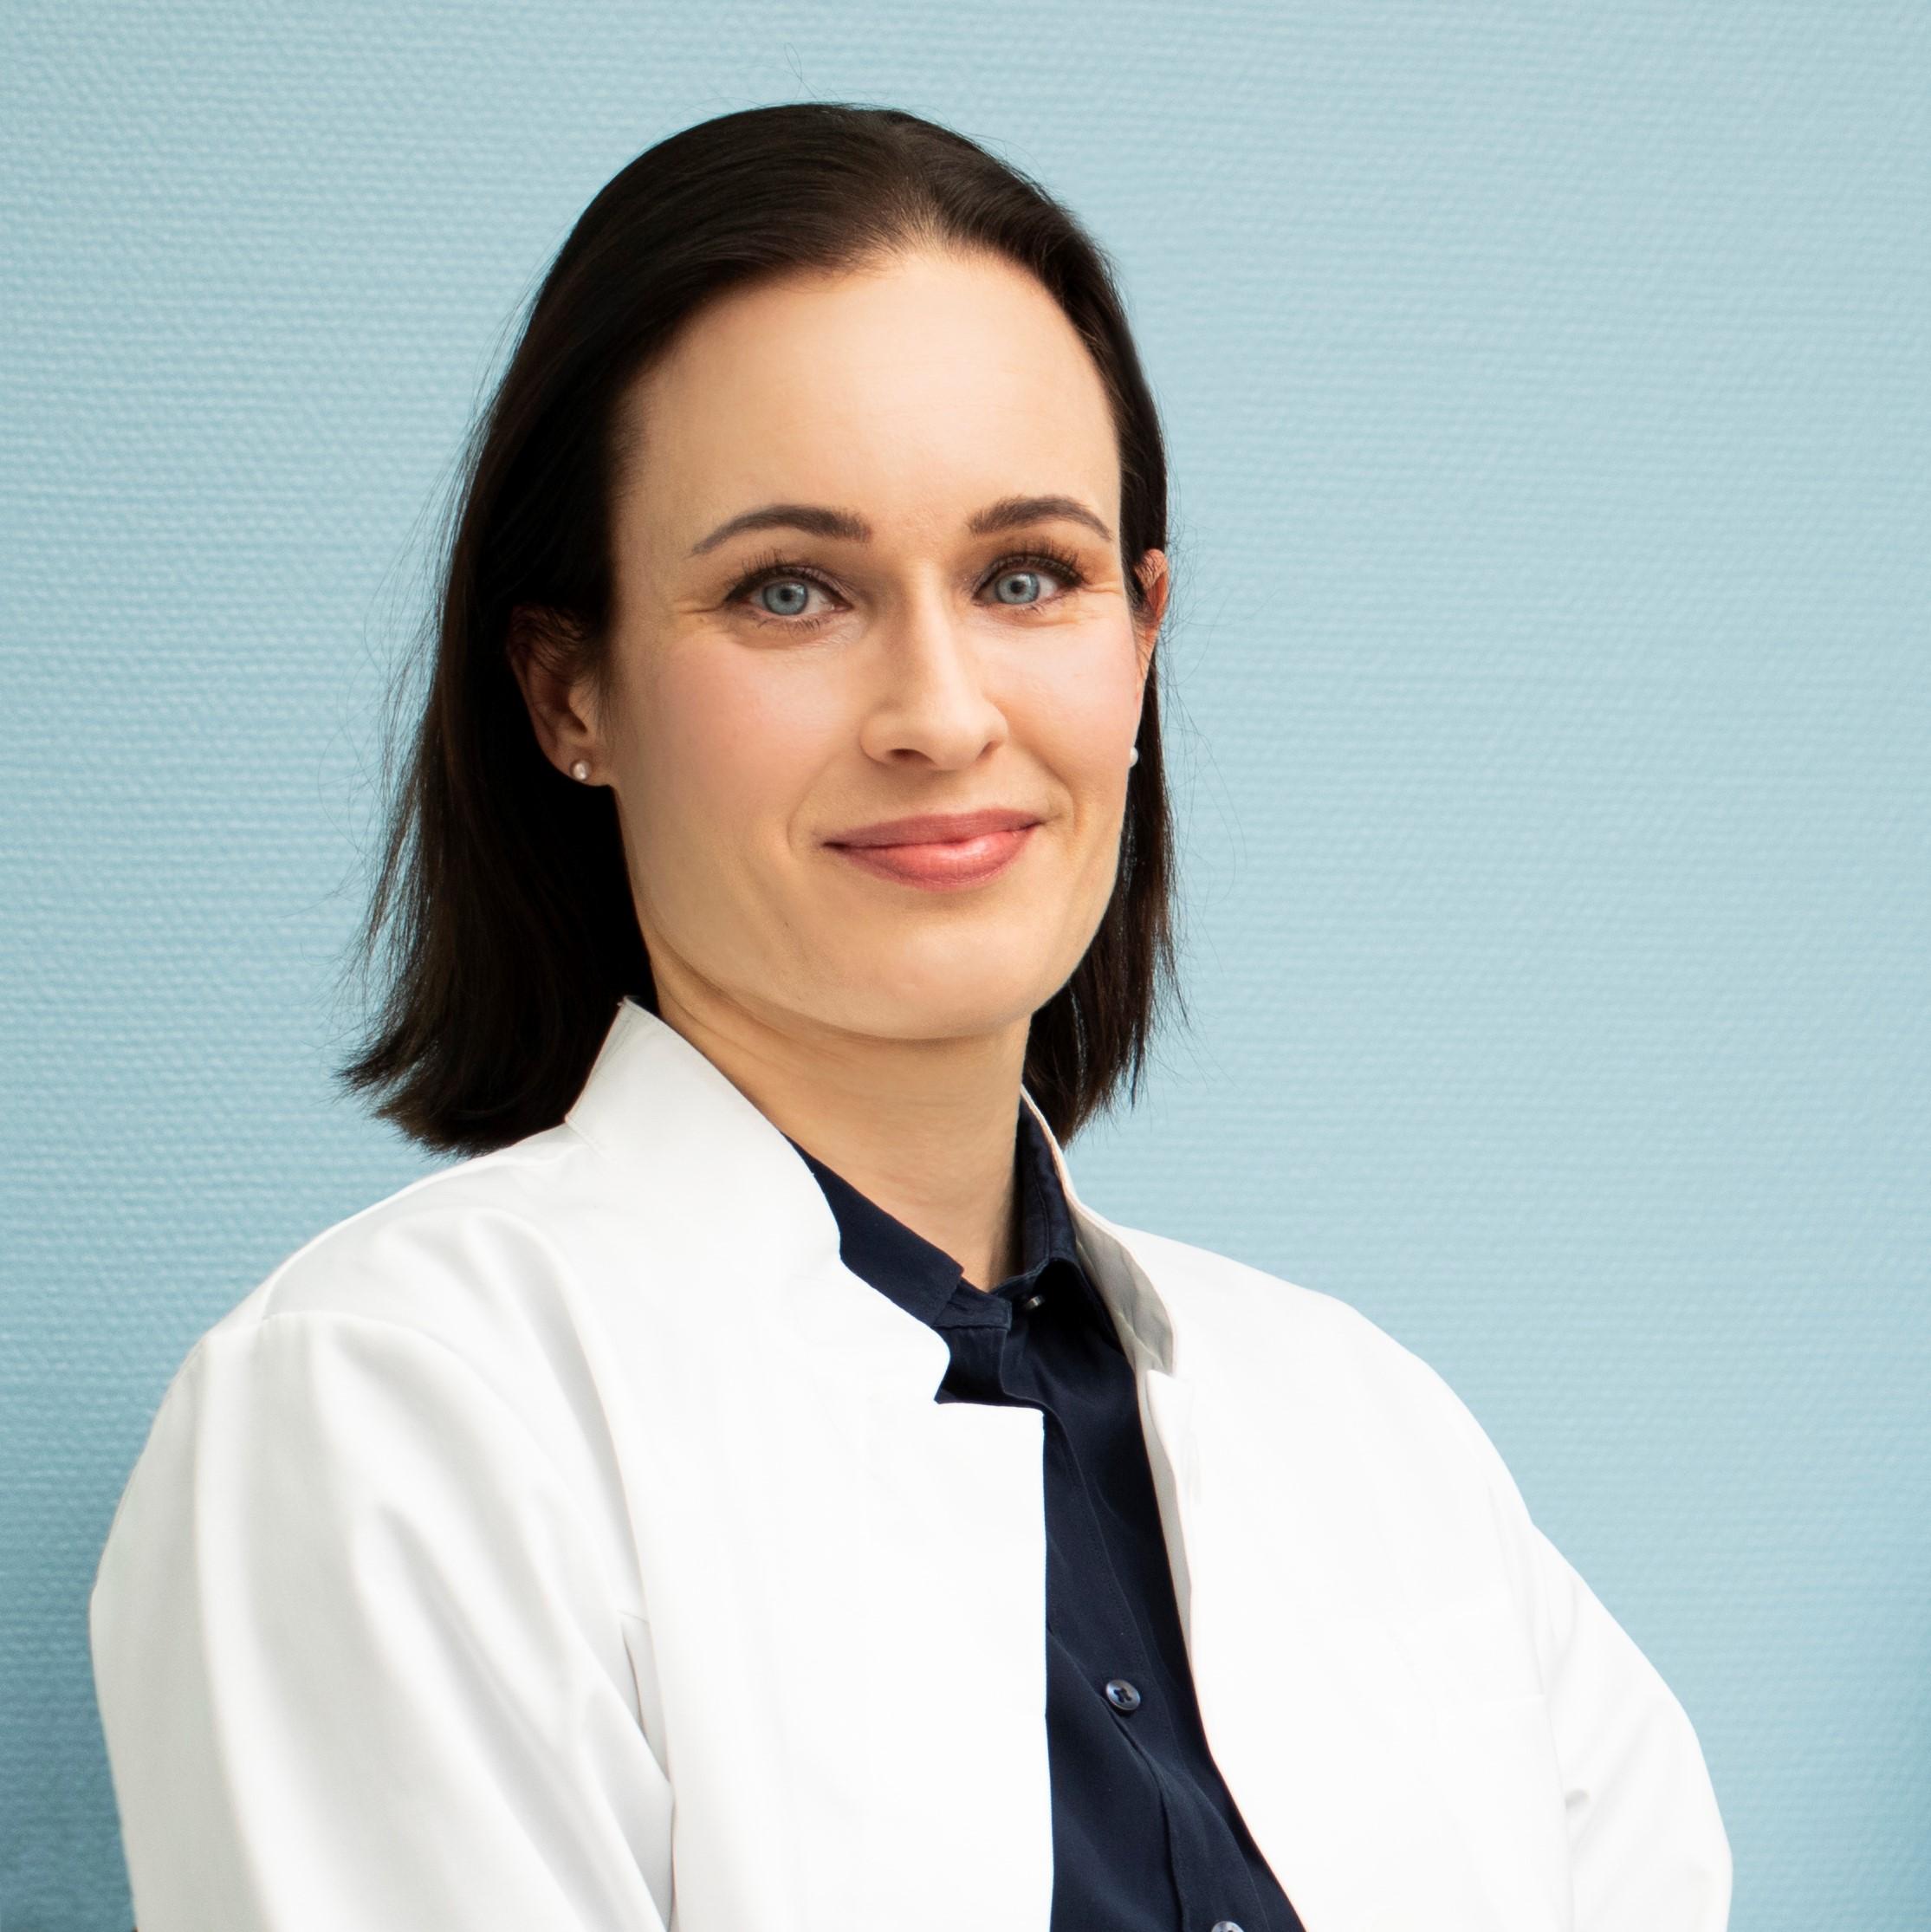 Heidi Penttinen